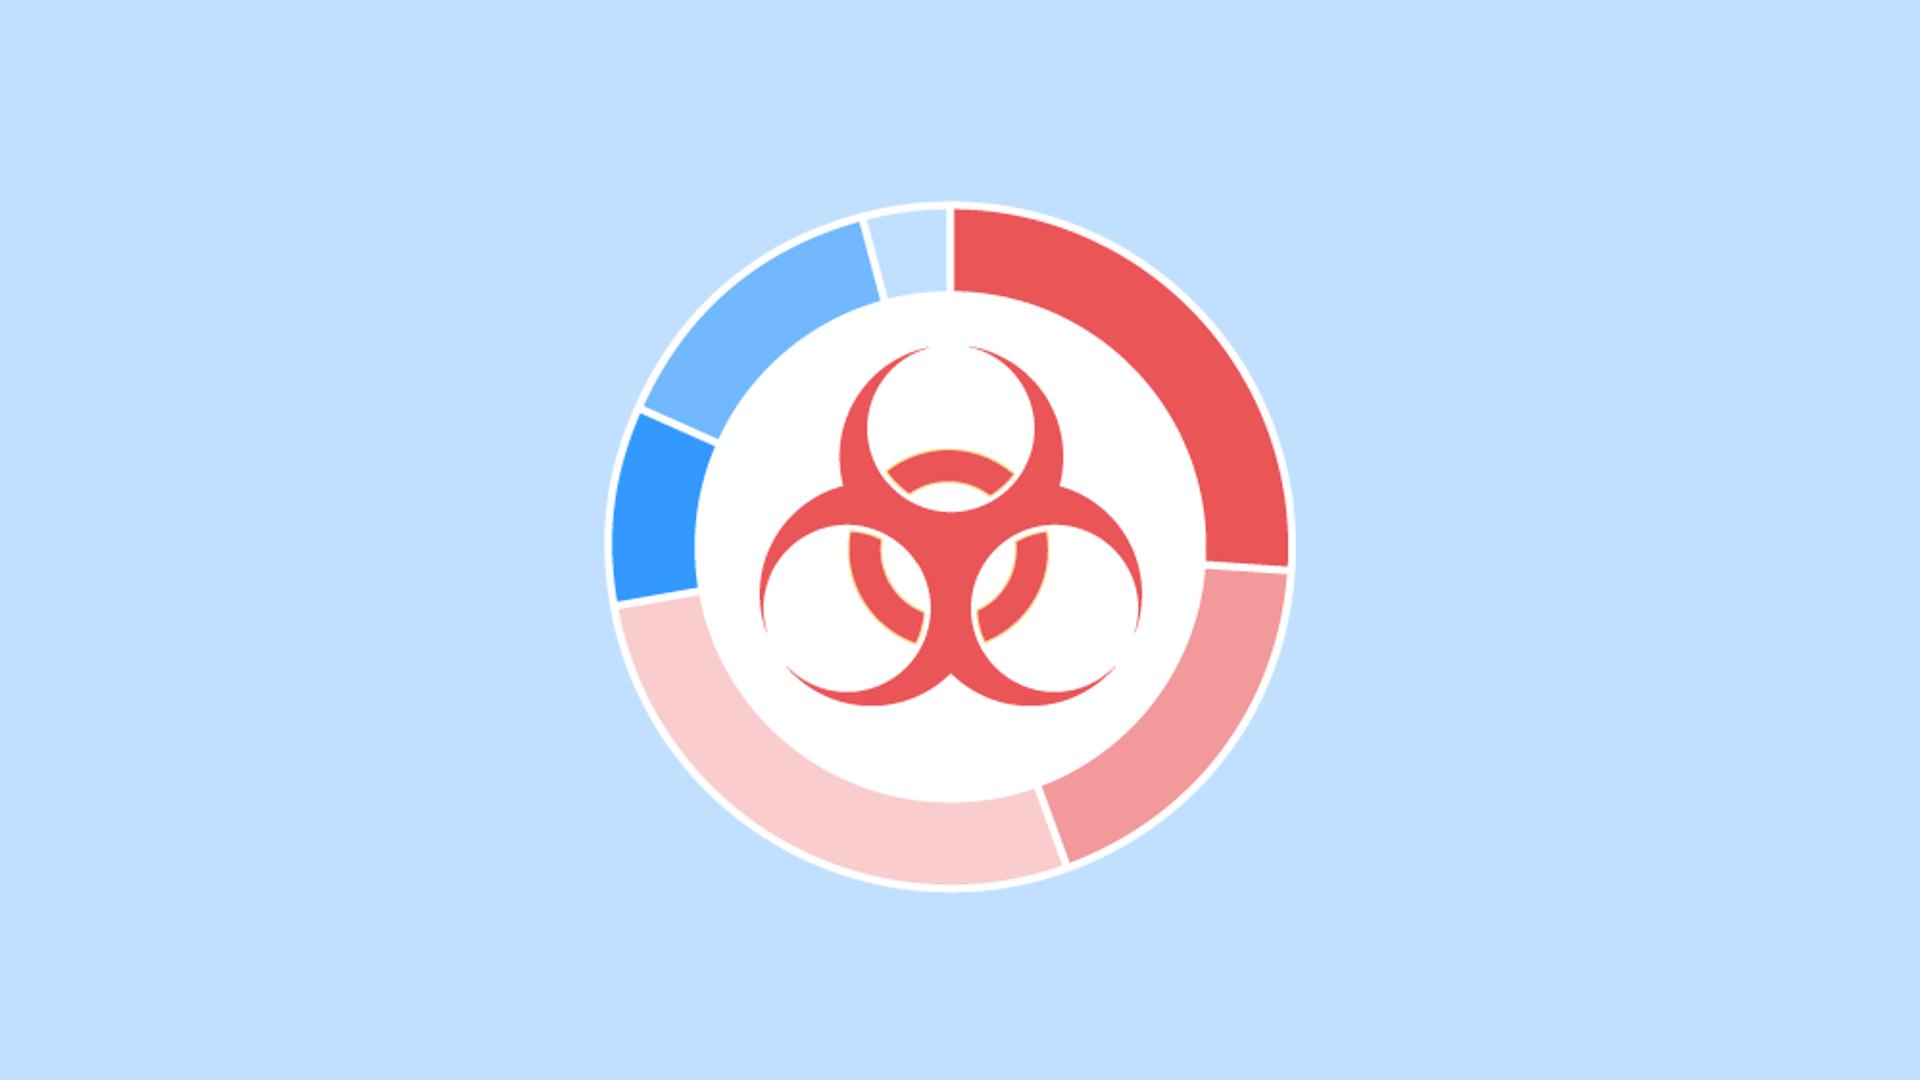 Насколько опасен коронавирус: заразность, летальность и группы риска - РИА Новости, 1920, 19.03.2020